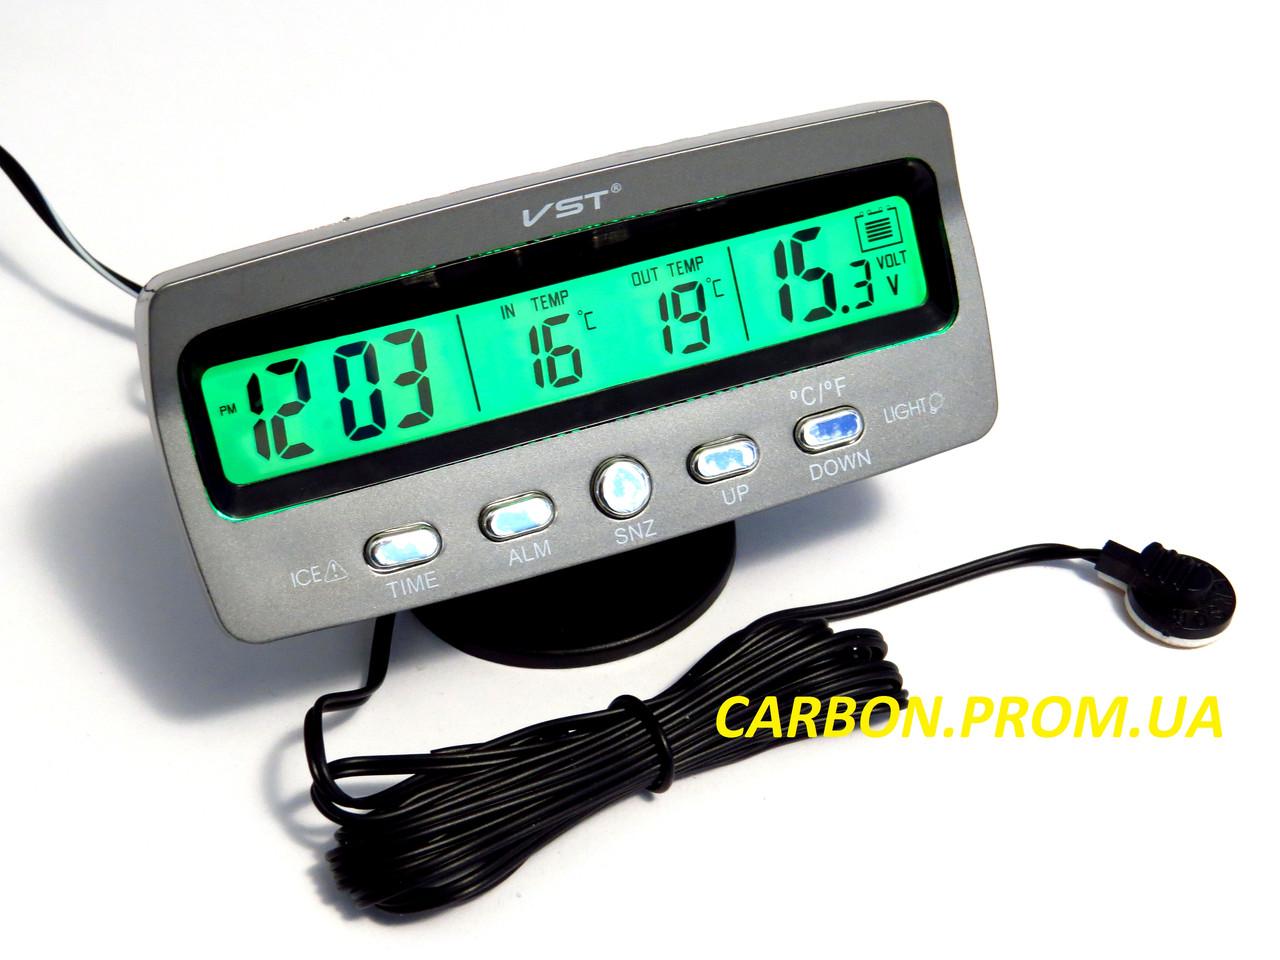 Часы с термометром и вольтметром VST 7045V для автомобиля